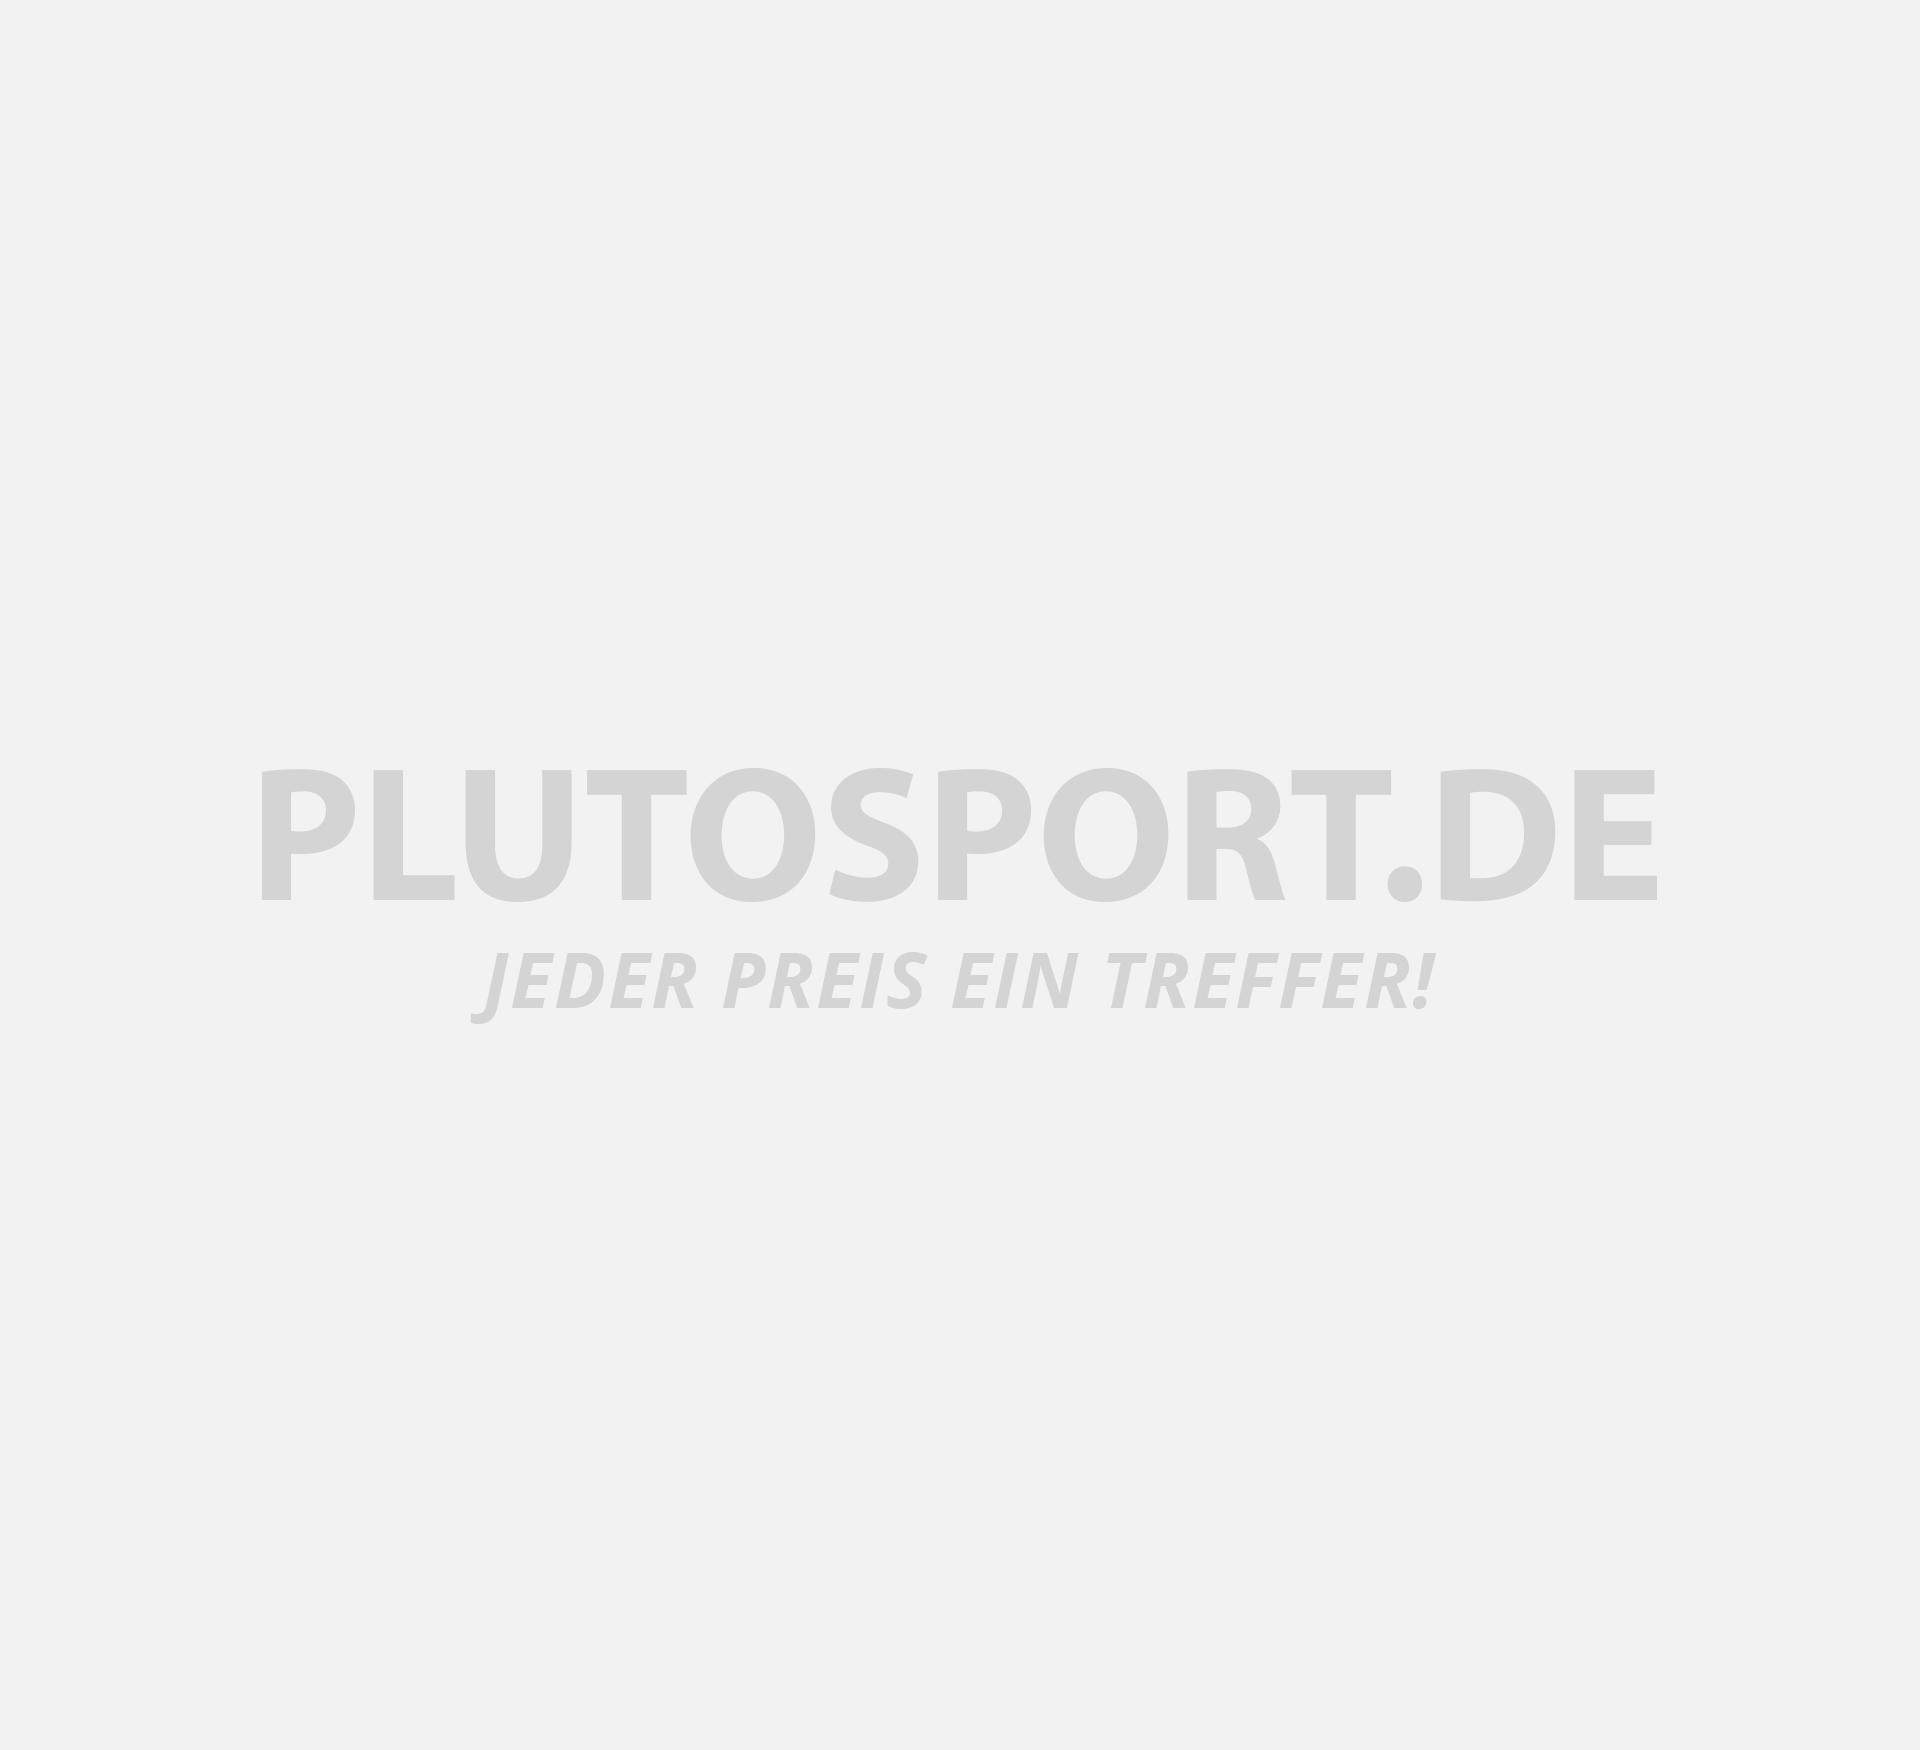 Adidas Turf Fußballschuhe,Farbe :schwarz